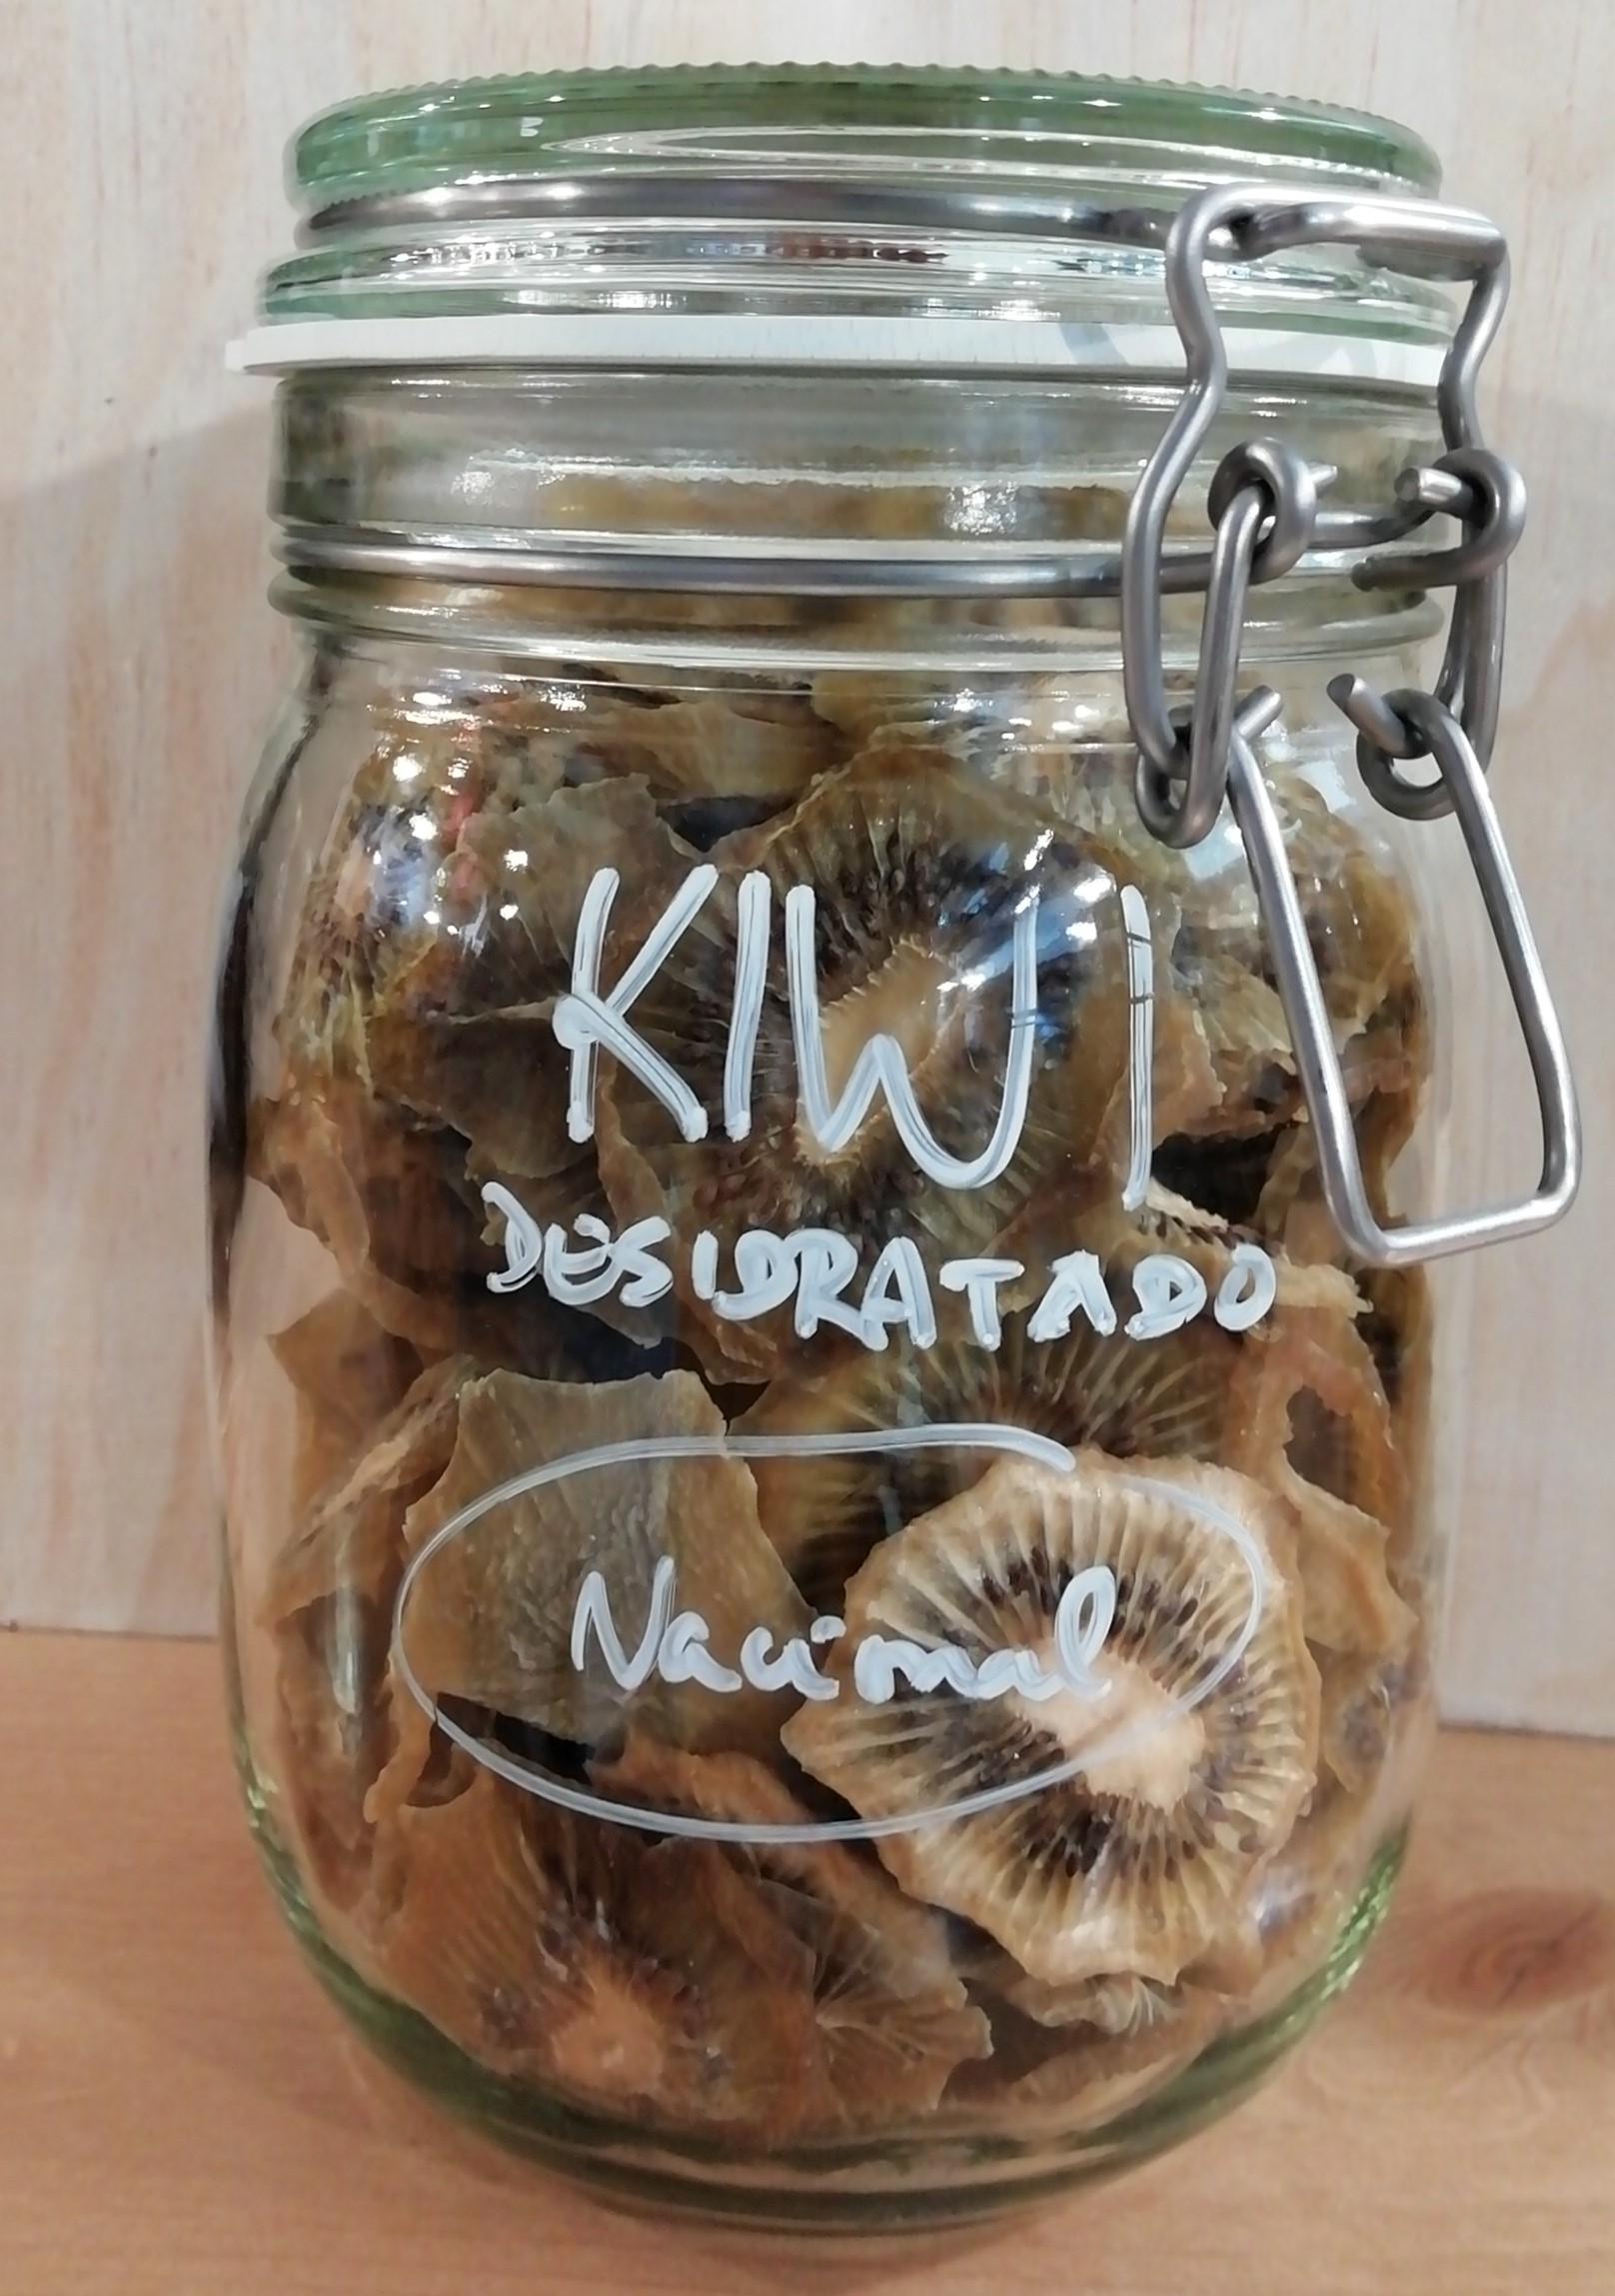 kiwi desidratado